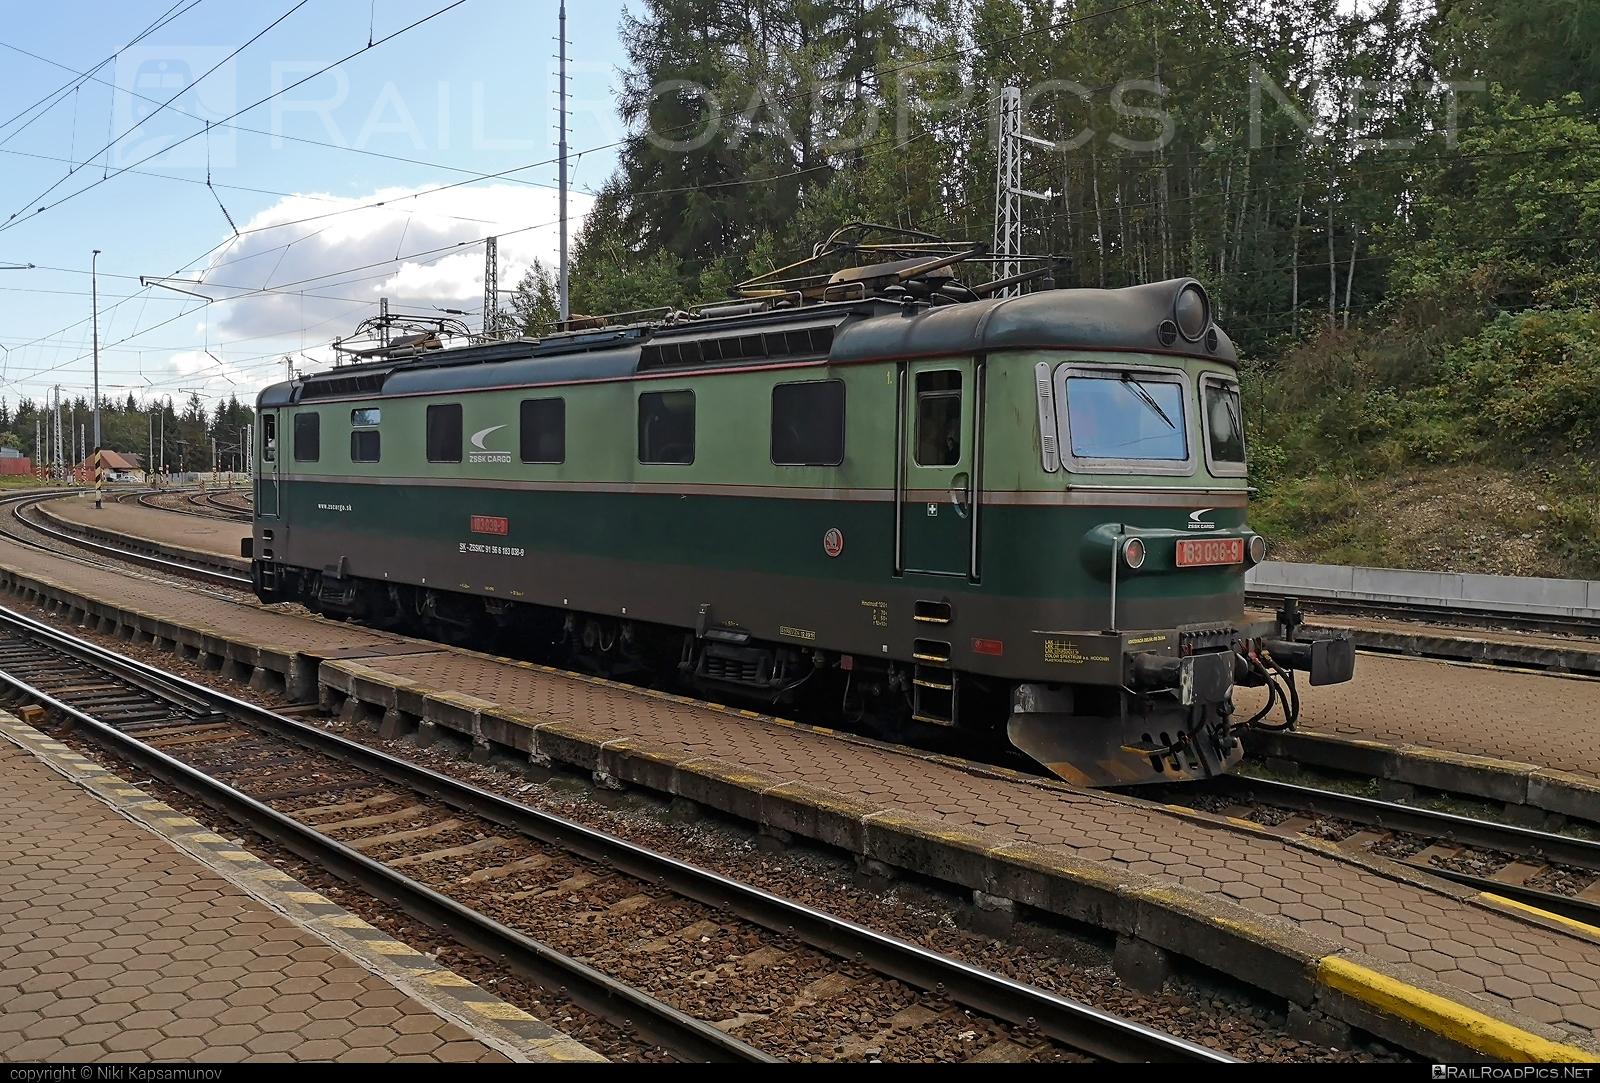 Škoda 61E - 183 036-9 operated by Železničná Spoločnost' Cargo Slovakia a.s. #ZeleznicnaSpolocnostCargoSlovakia #locomotive183 #rakana #sestikolak #sestikolo #skoda #skoda61e #zsskcargo